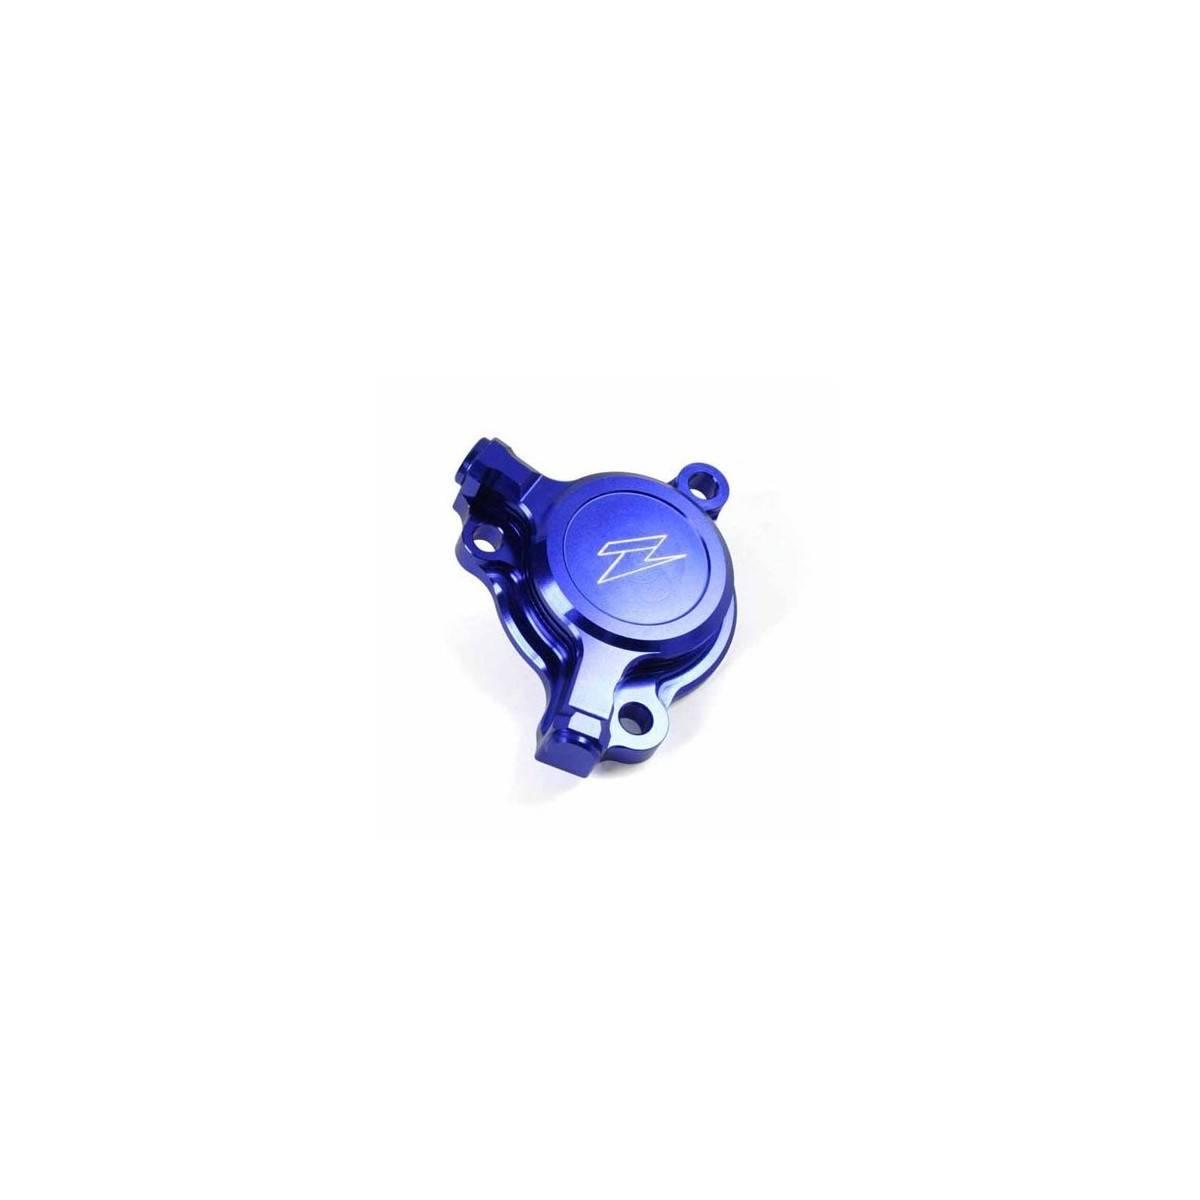 ZE90.1362 - Tapa Filtro Aceite Zeta Yz450F´10- Azul